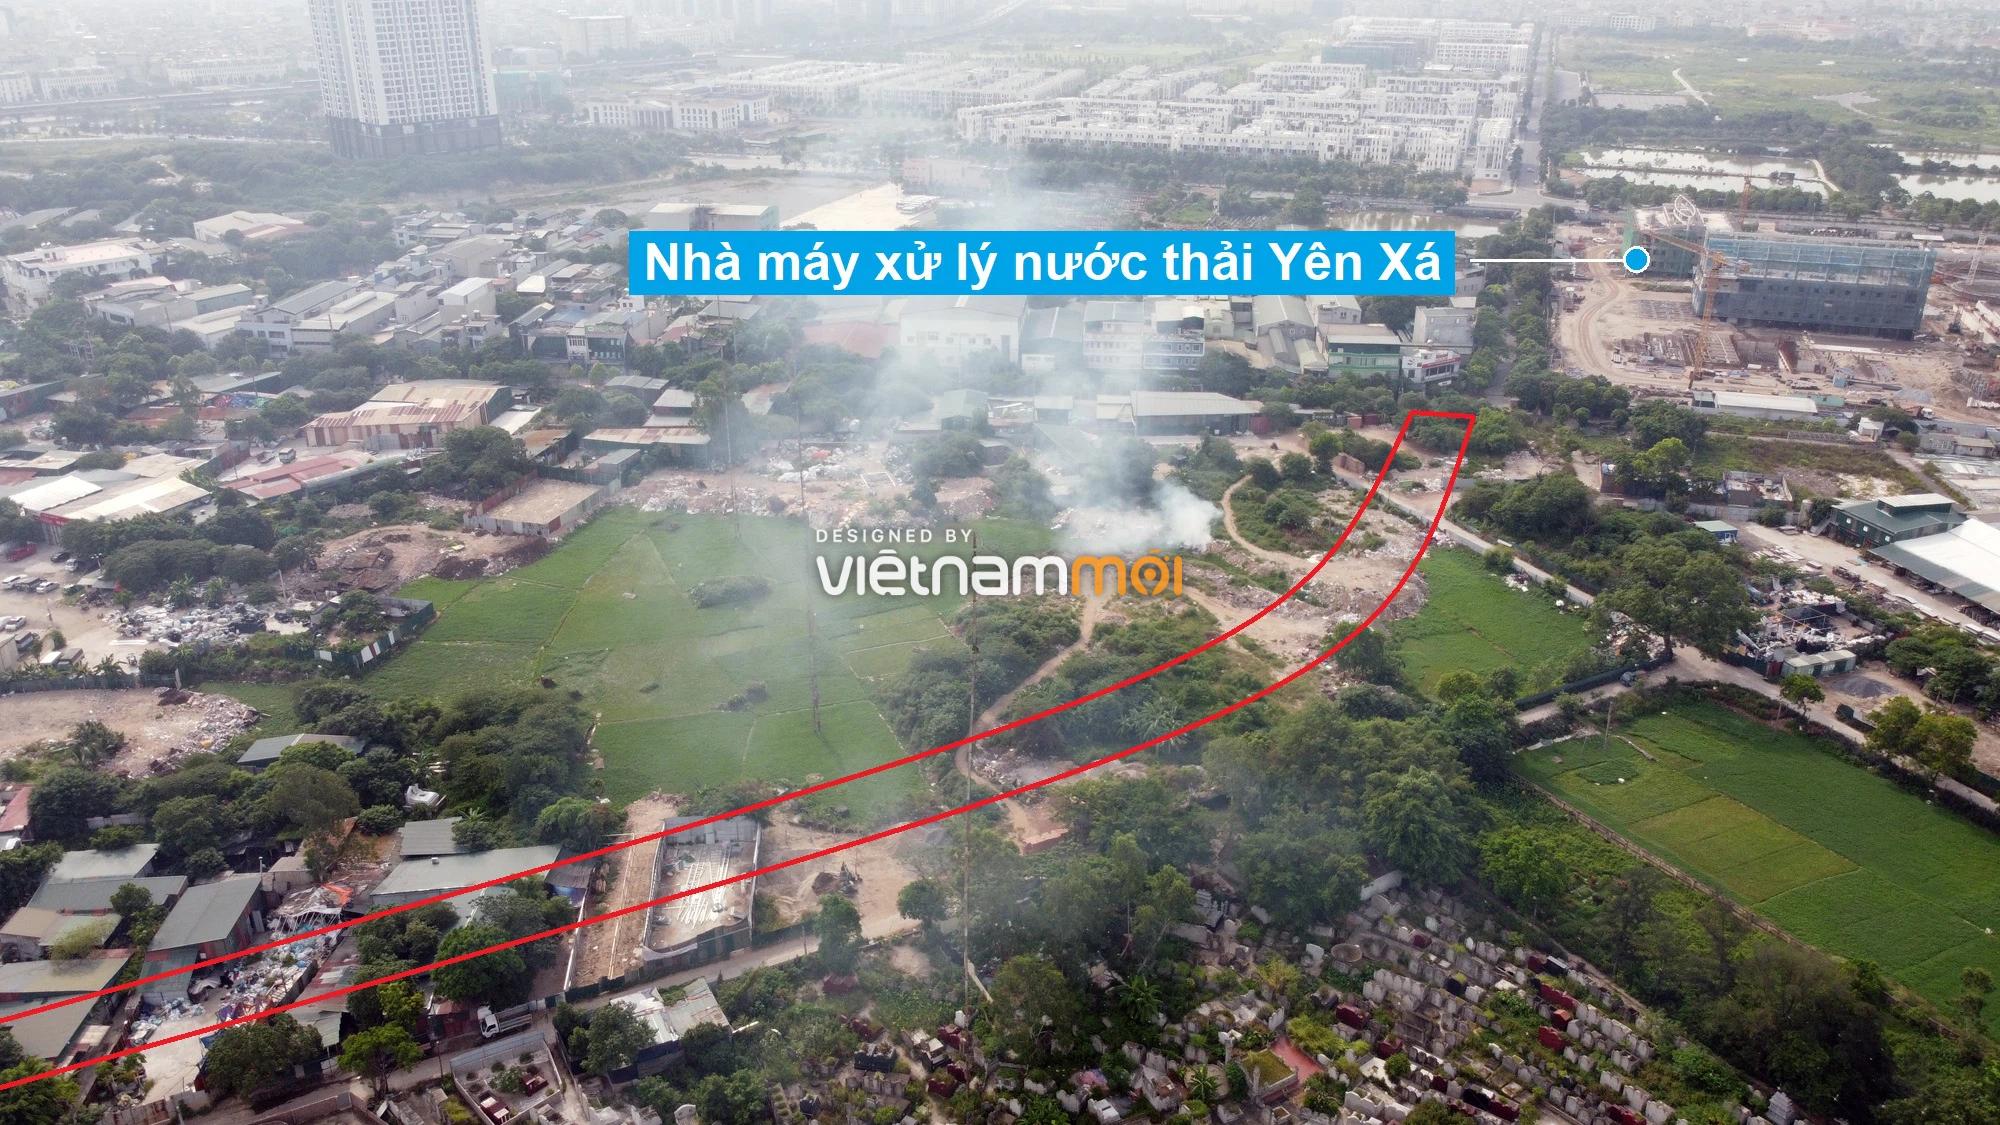 Những khu đất sắp thu hồi để mở đường ở xã Tân Triều, Thanh Trì, Hà Nội (phần 4) - Ảnh 7.